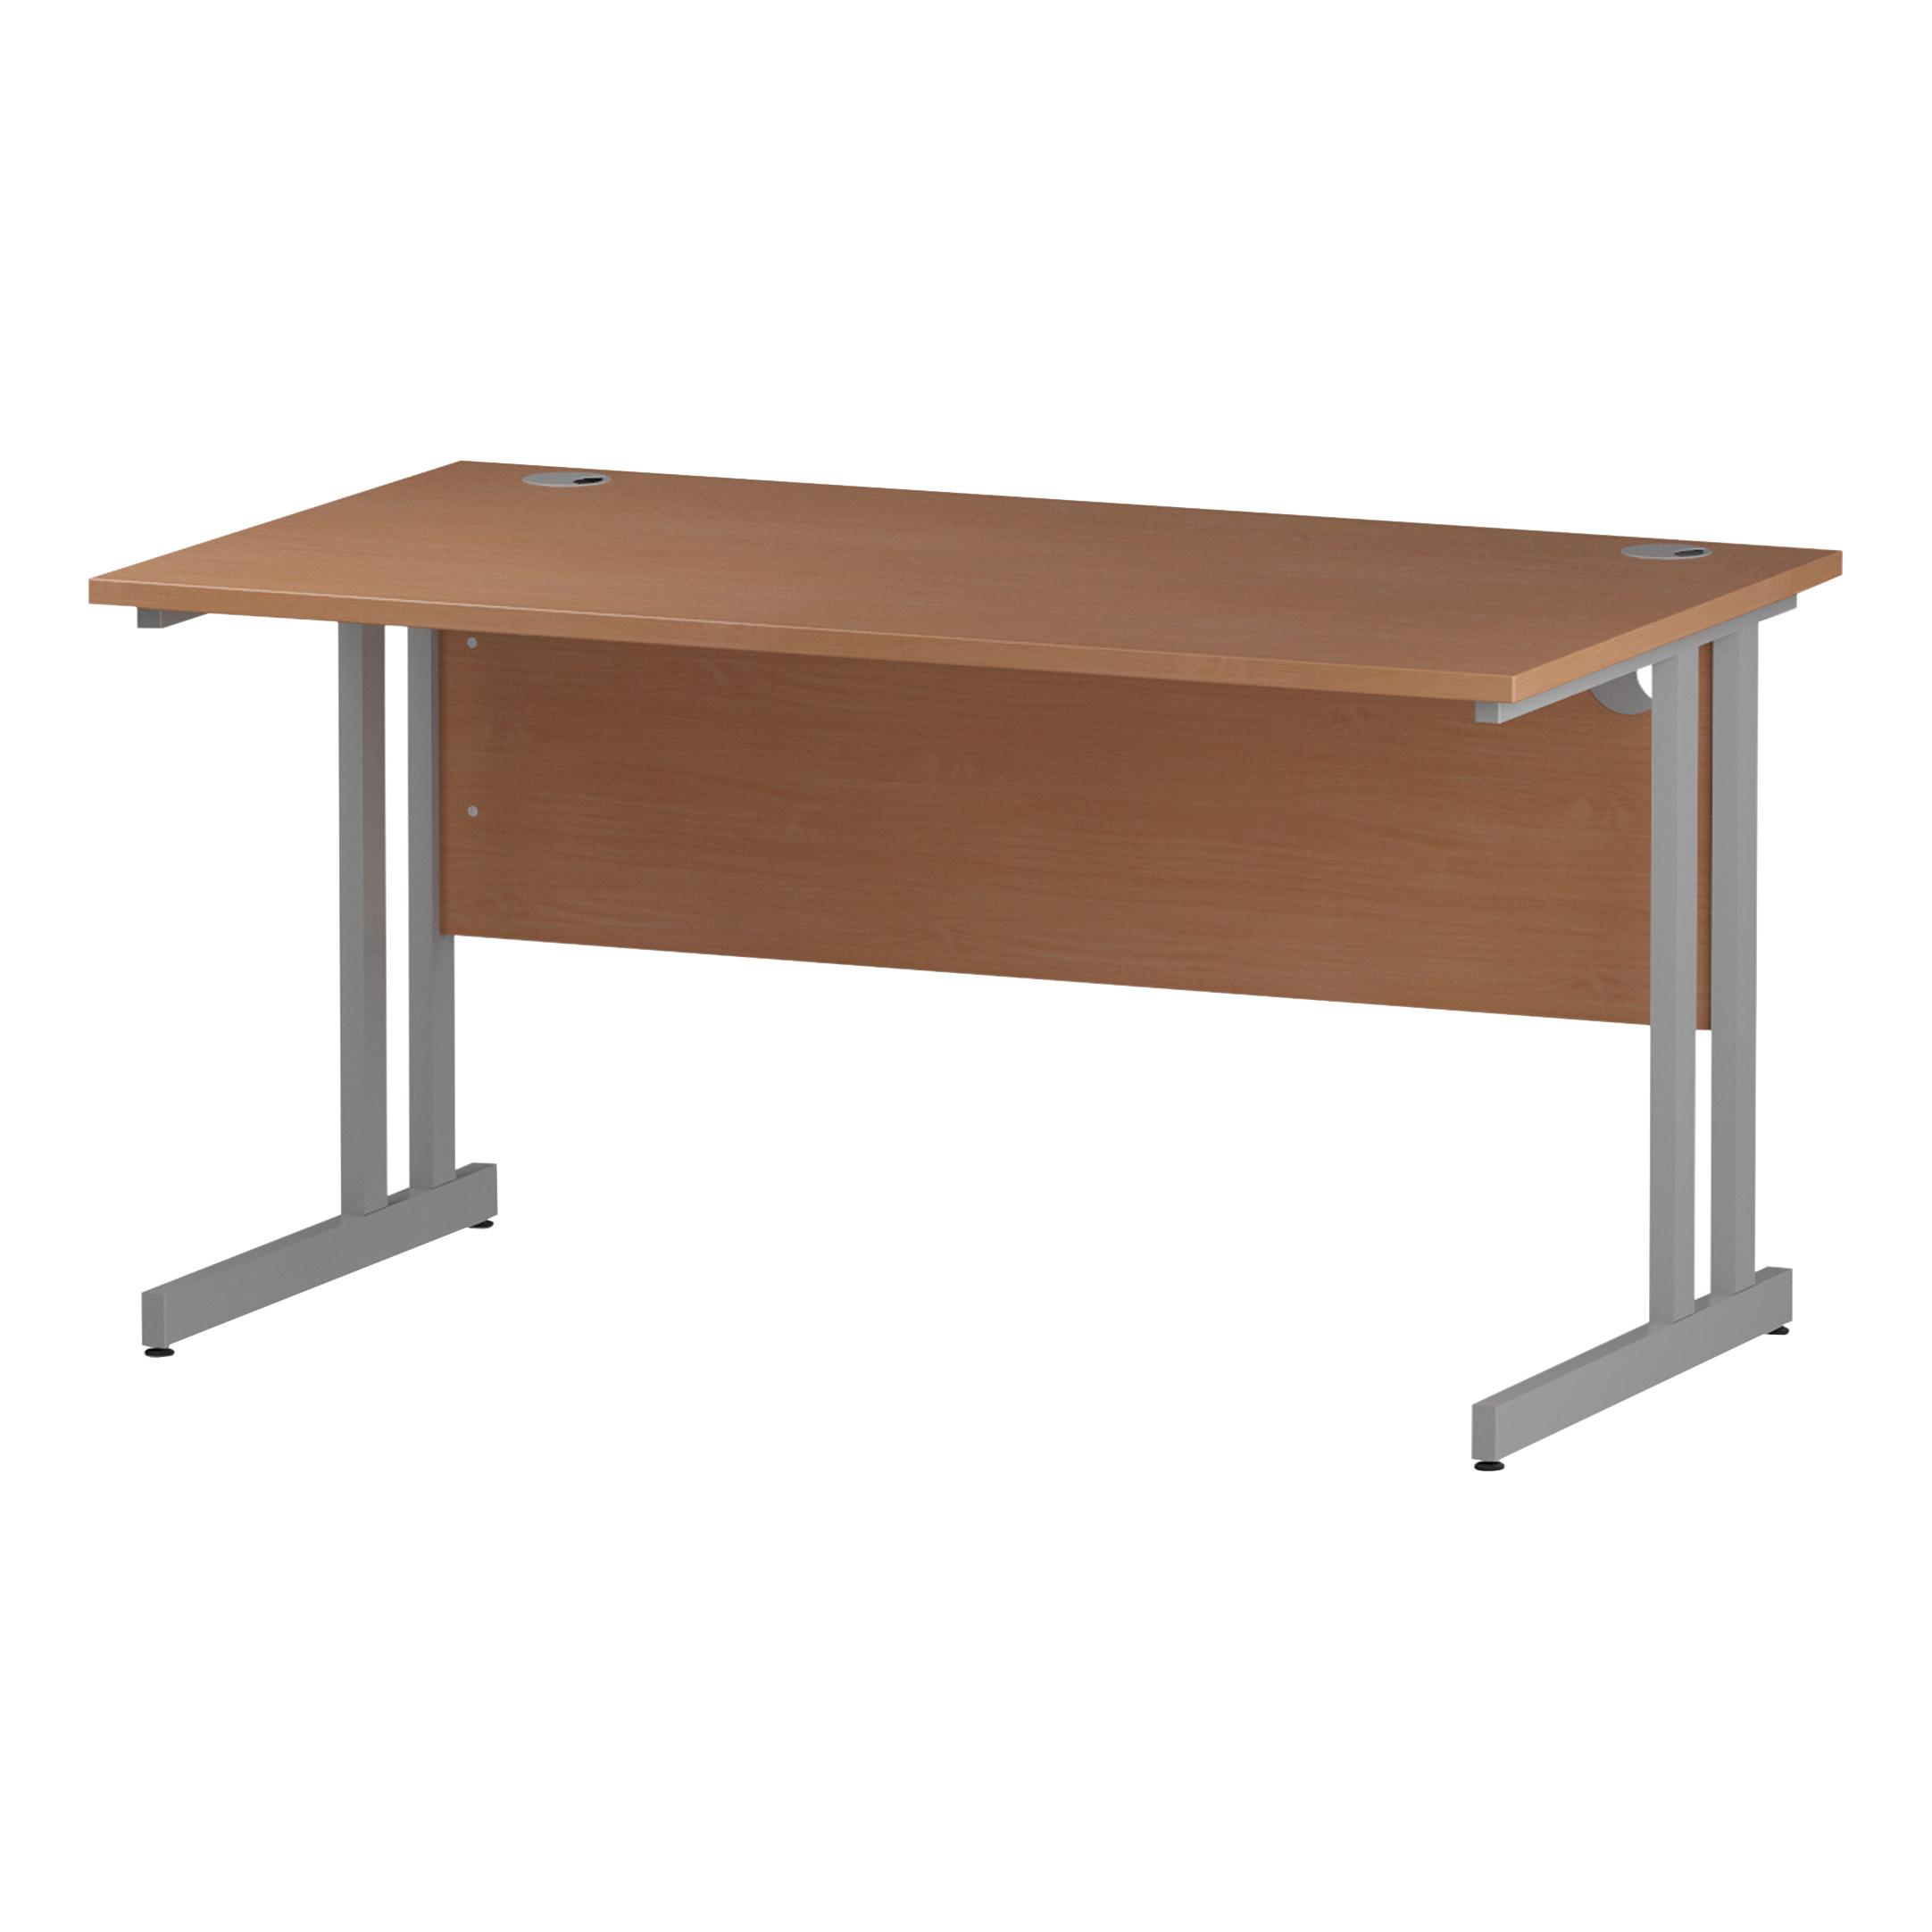 Trexus Rectangular Desk Silver Cantilever Leg 1400x800mm Beech Ref I000284